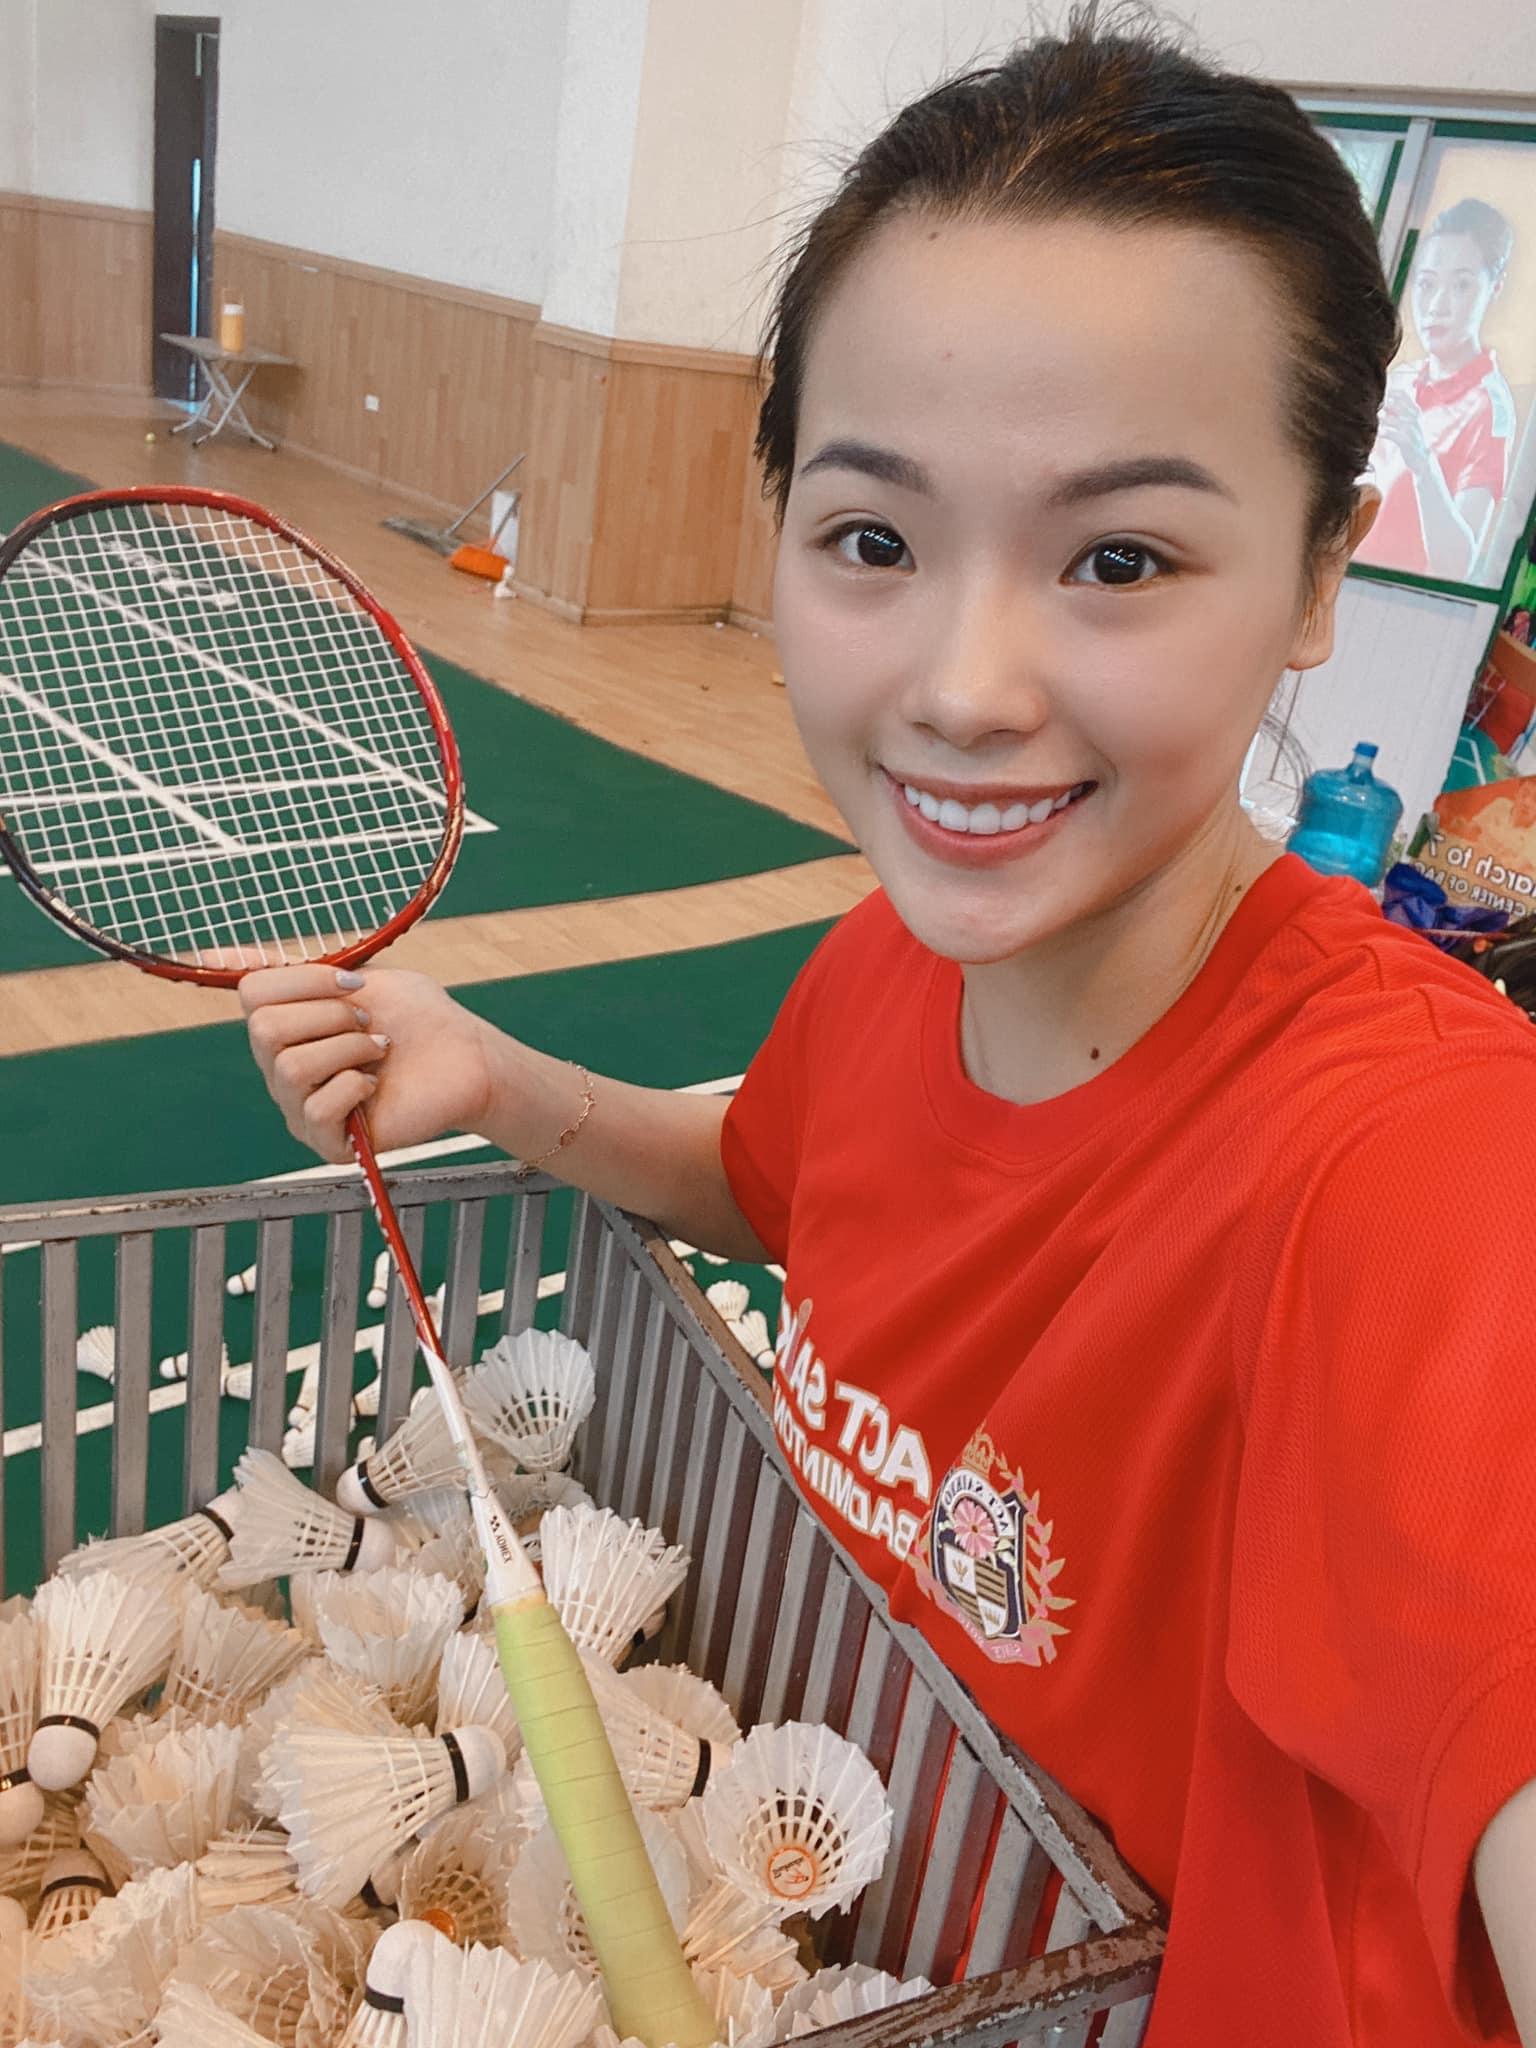 Vẻ đẹp hotgirl cầu lông Việt Nam thắng đối thủ gốc Trung Quốc tại Olympic Tokyo - Ảnh 6.